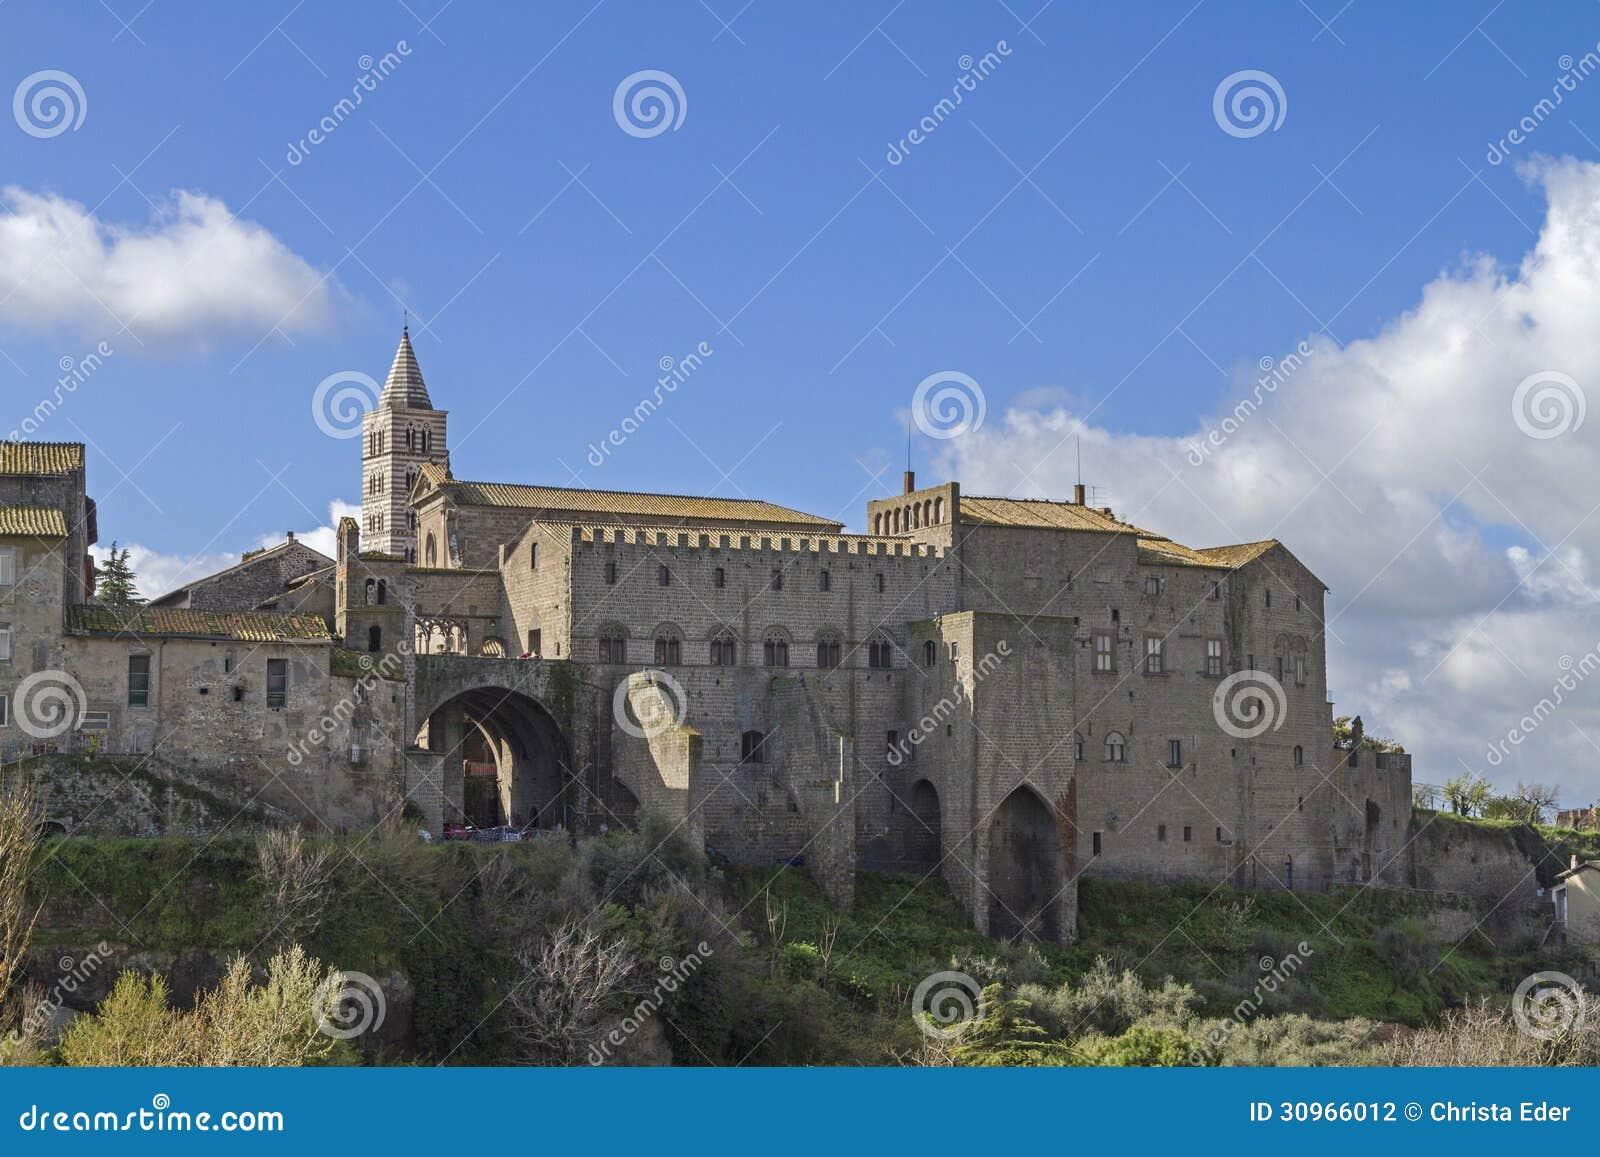 Papal Palace of Viterbo